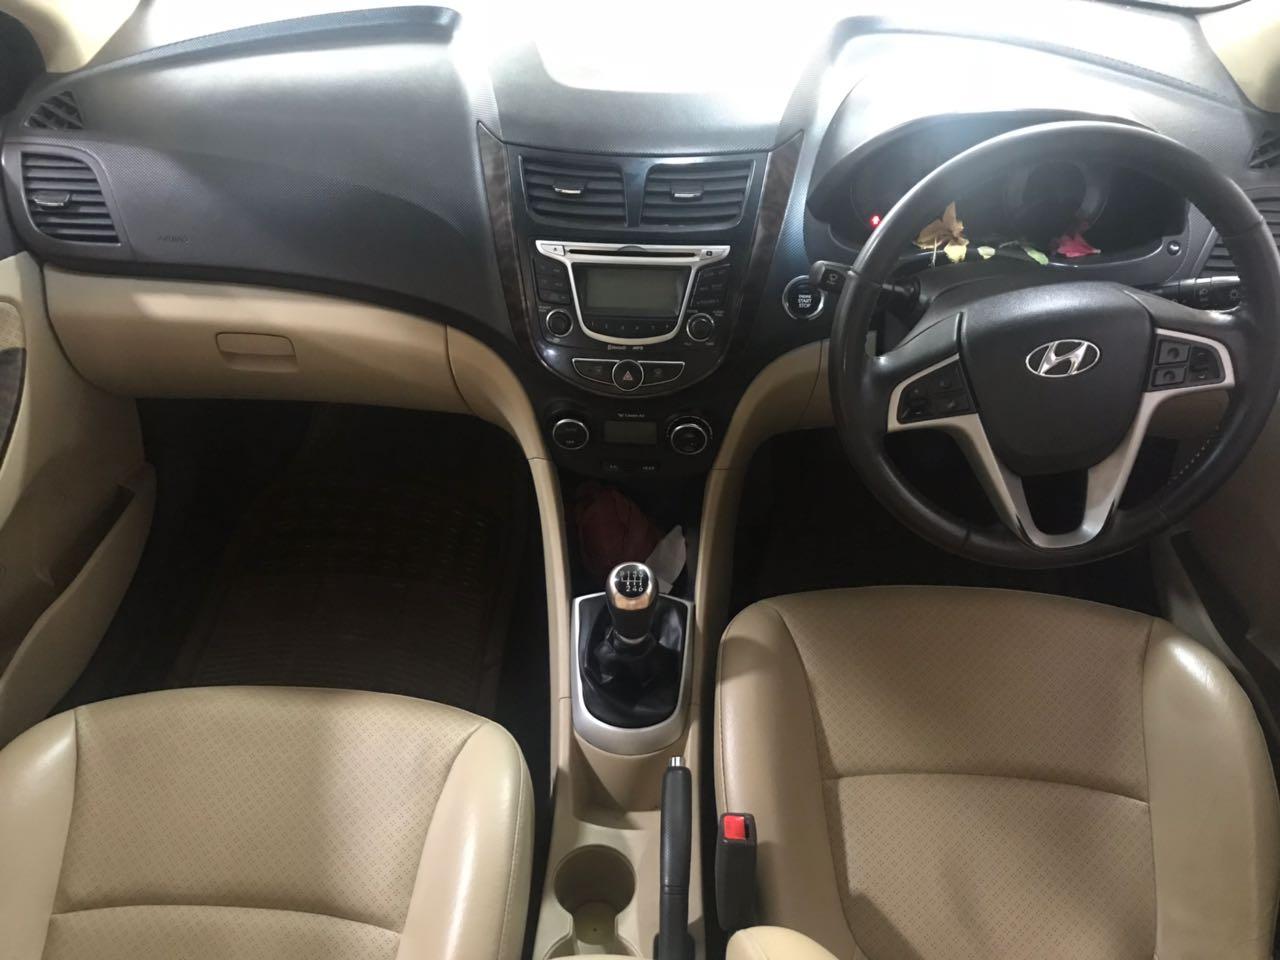 2013 Used Hyundai Verna FLUIDIC 1.6 SX CRDI OPT